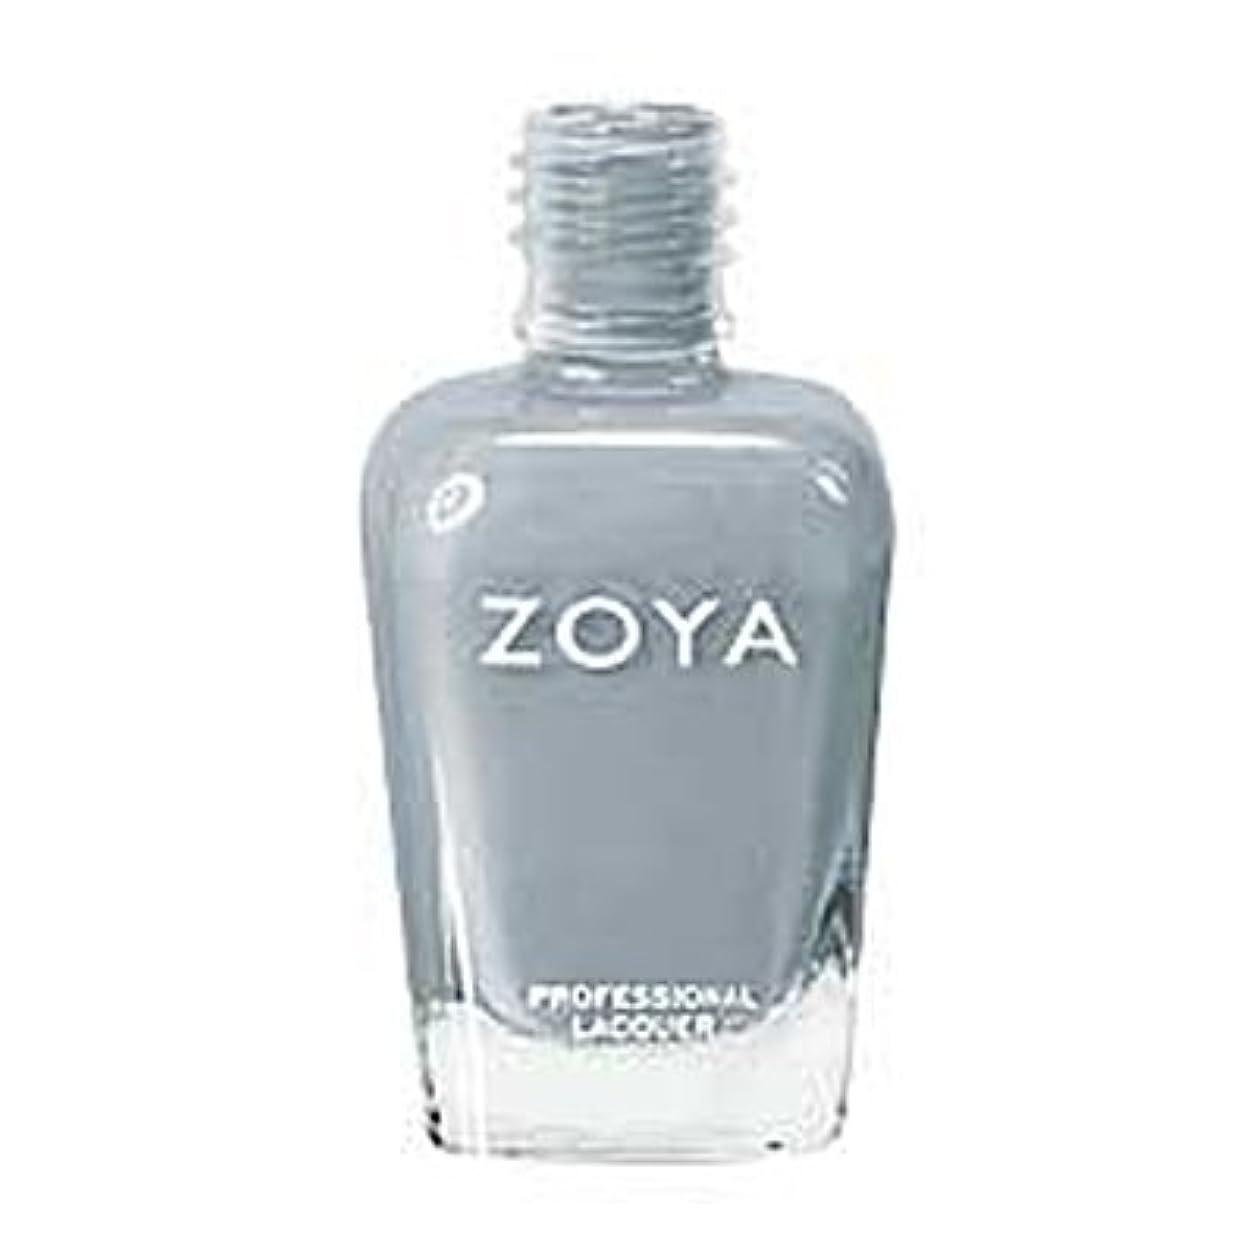 モロニック月曜完全に[Zoya] ZP591 クリスティン [Feel Collection][並行輸入品][海外直送品]